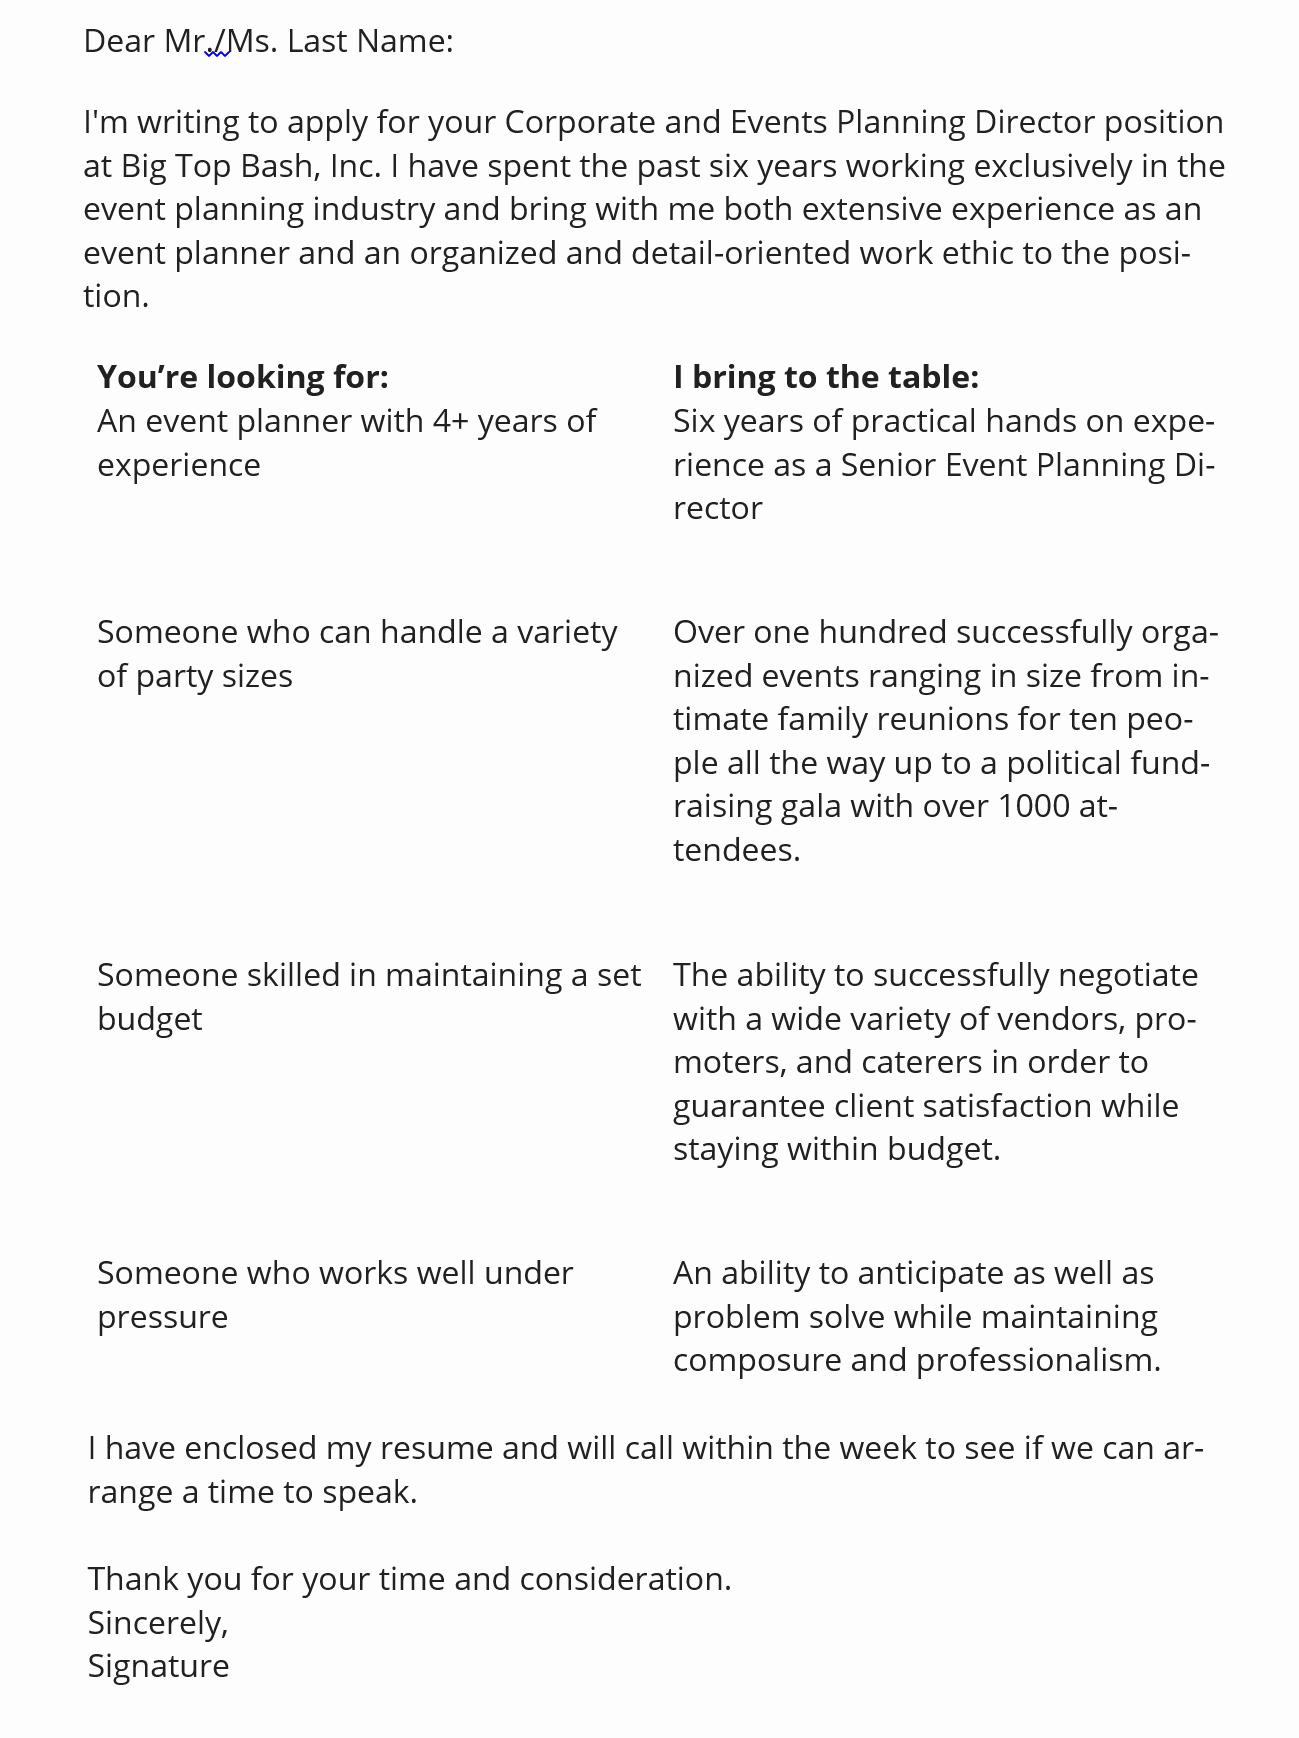 Applying for Job Letters Lovely the Best Cover Letter format for 2019 [3 Sample Templates